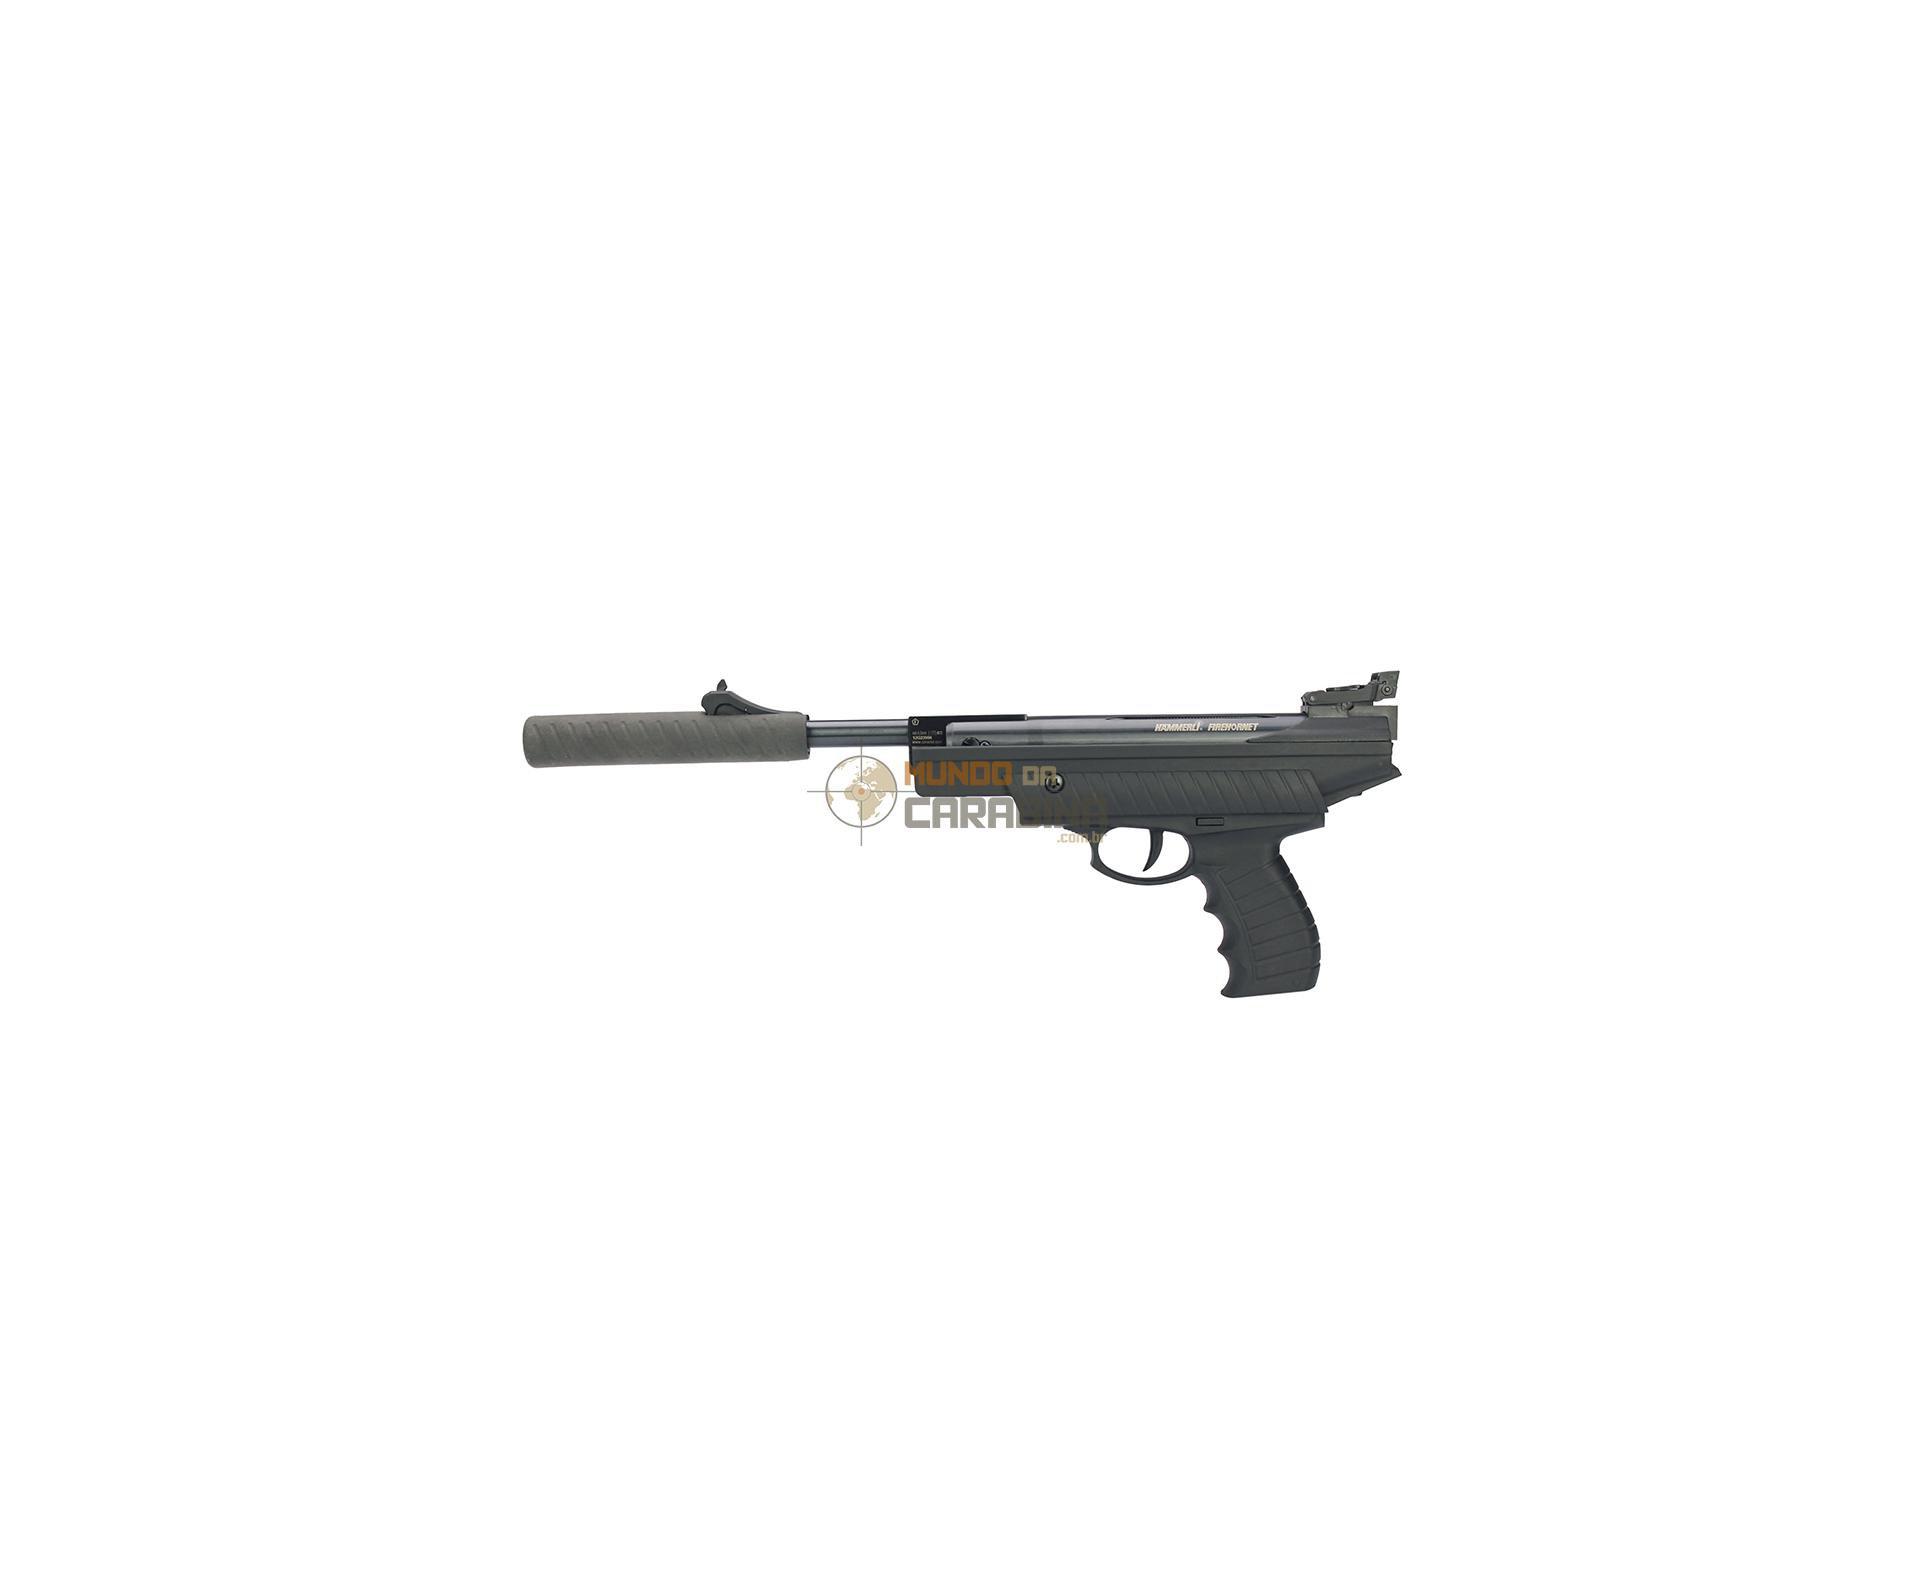 Pistola De Pressão Firehornet Cal 4,5mm - Hammerli